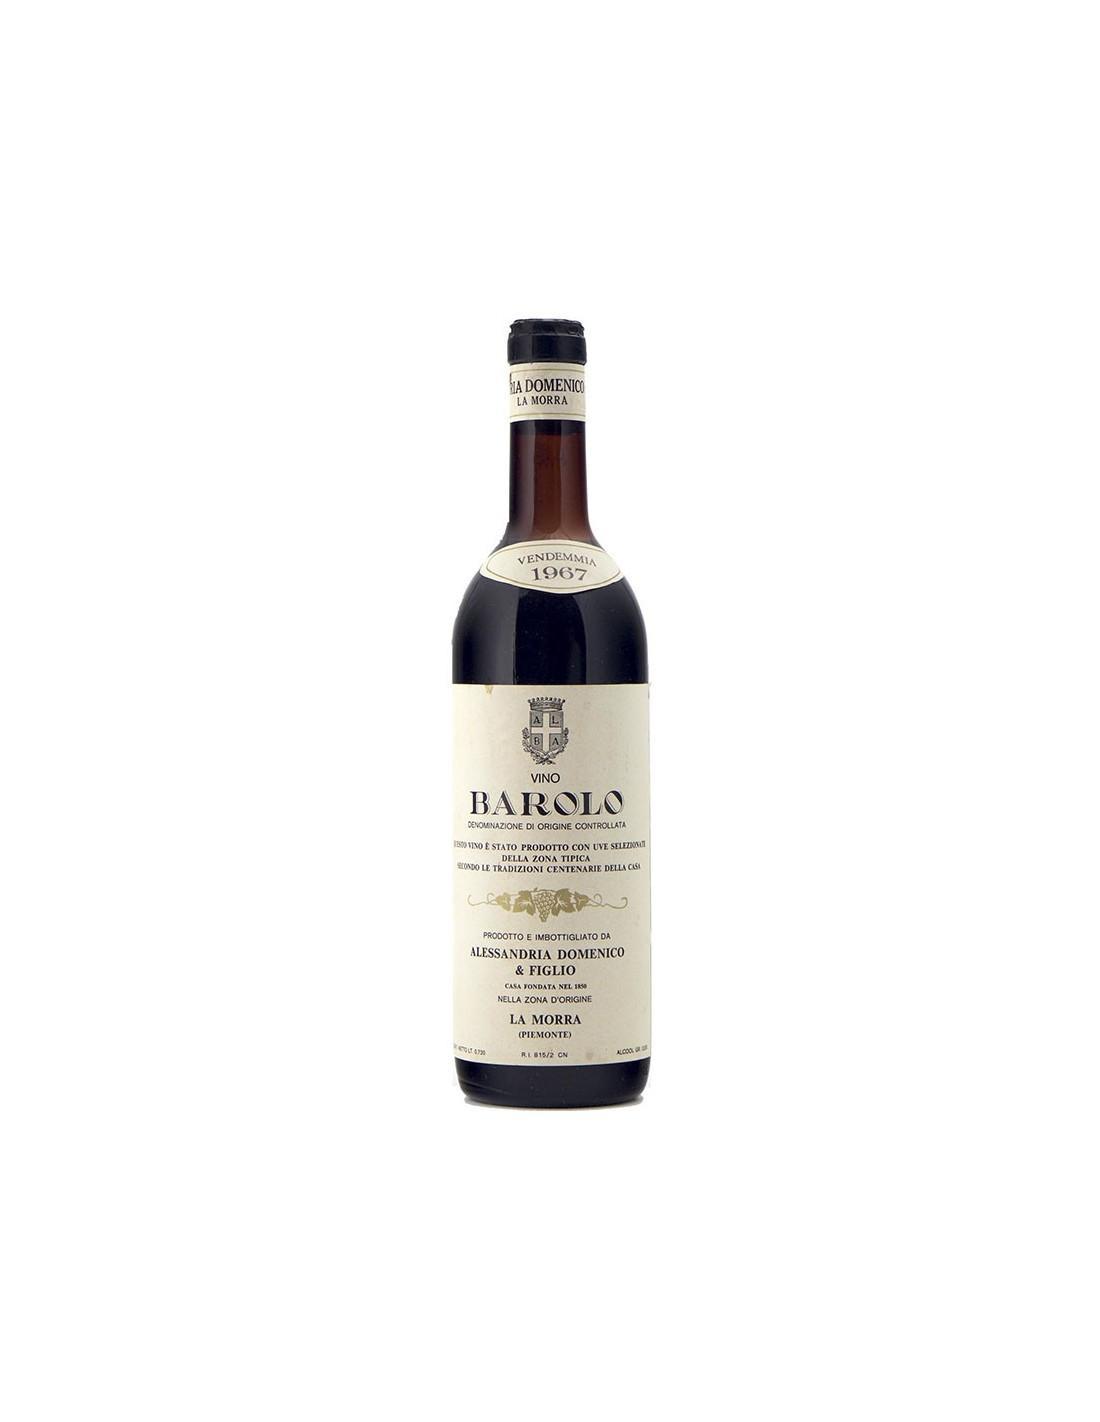 BAROLO 1967 ALESSANDRIA DOMENICO Grandi Bottiglie